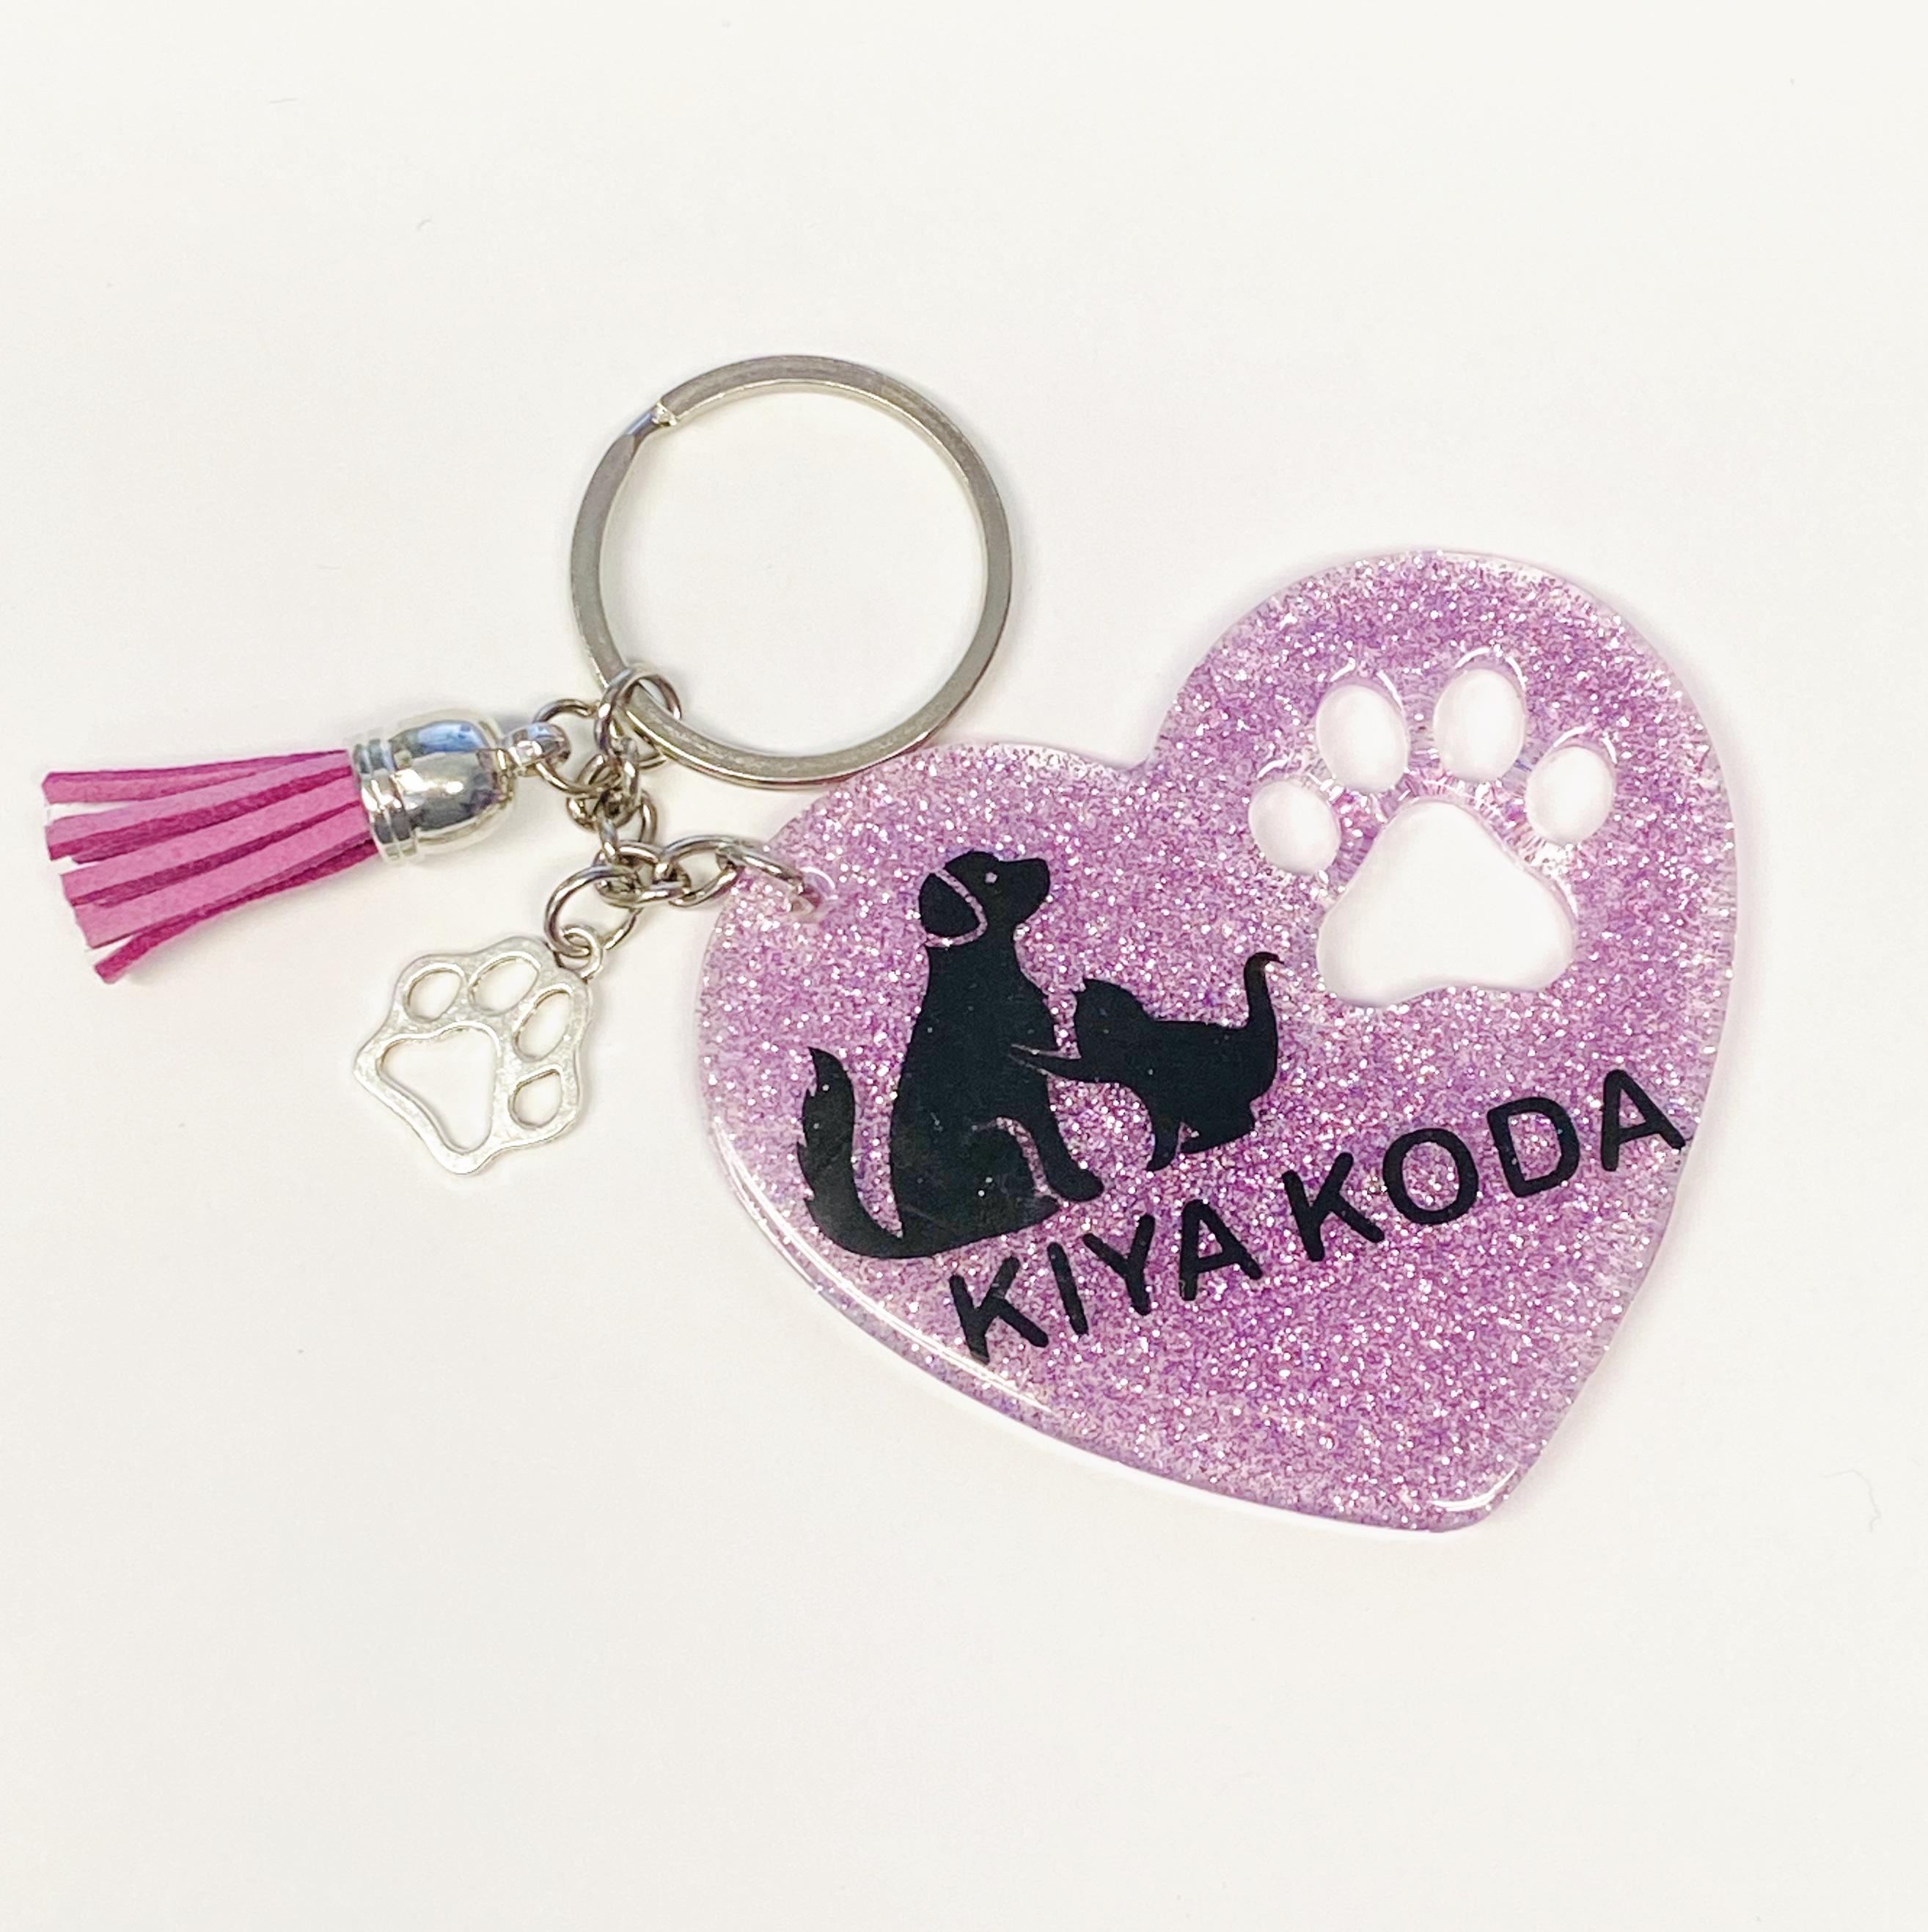 Kiya Koda Keychains